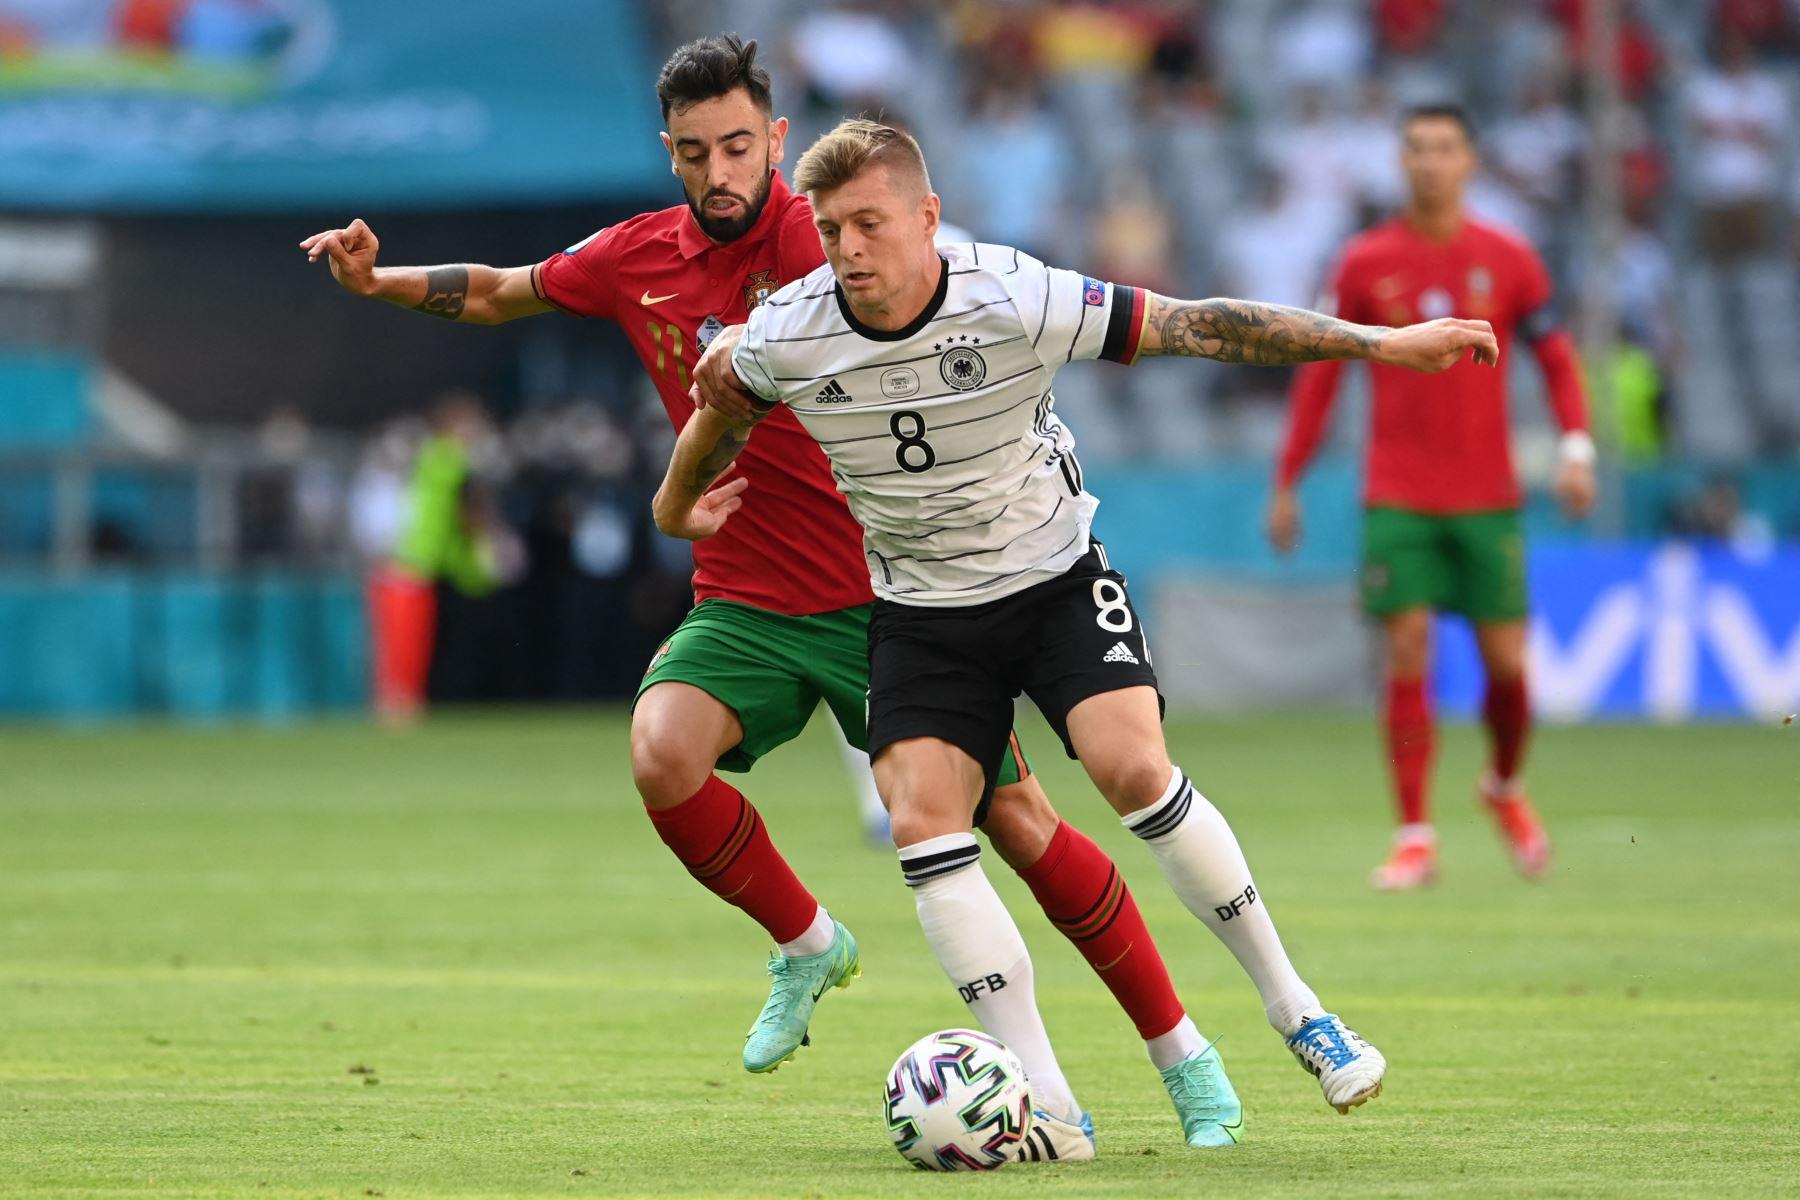 El mediocampista portugués Bruno Fernandes desafía al mediocampista alemán Toni Kroos durante el partido de fútbol del Grupo F de la UEFA EURO 2020 entre Portugal y Alemania en el Allianz Arena en Munich, Alemania. Foto: AFP